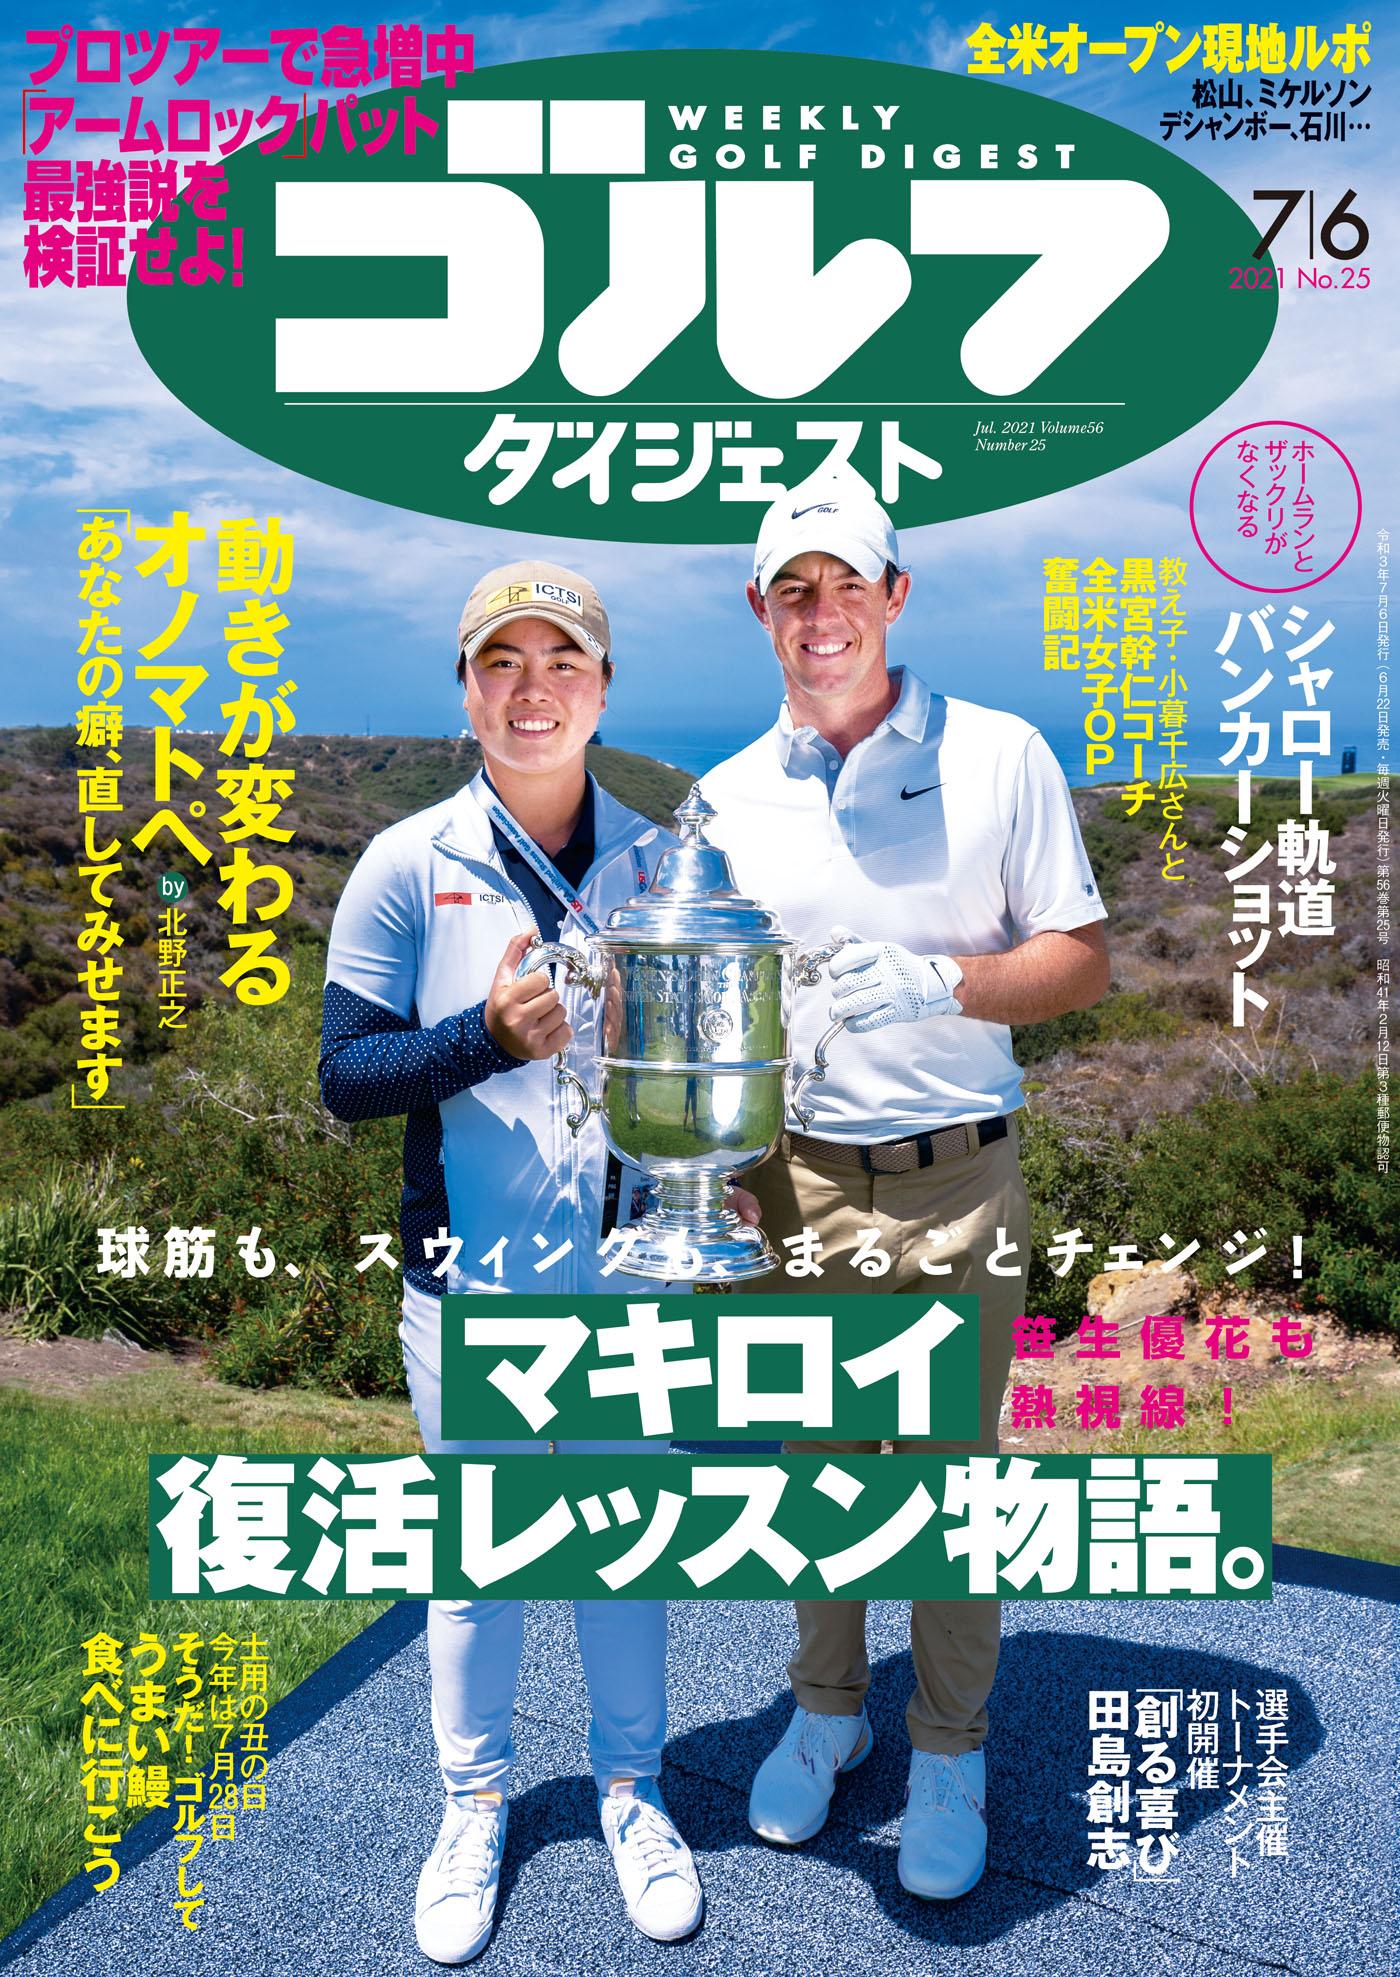 週刊ゴルフダイジェスト2021年7月6日号